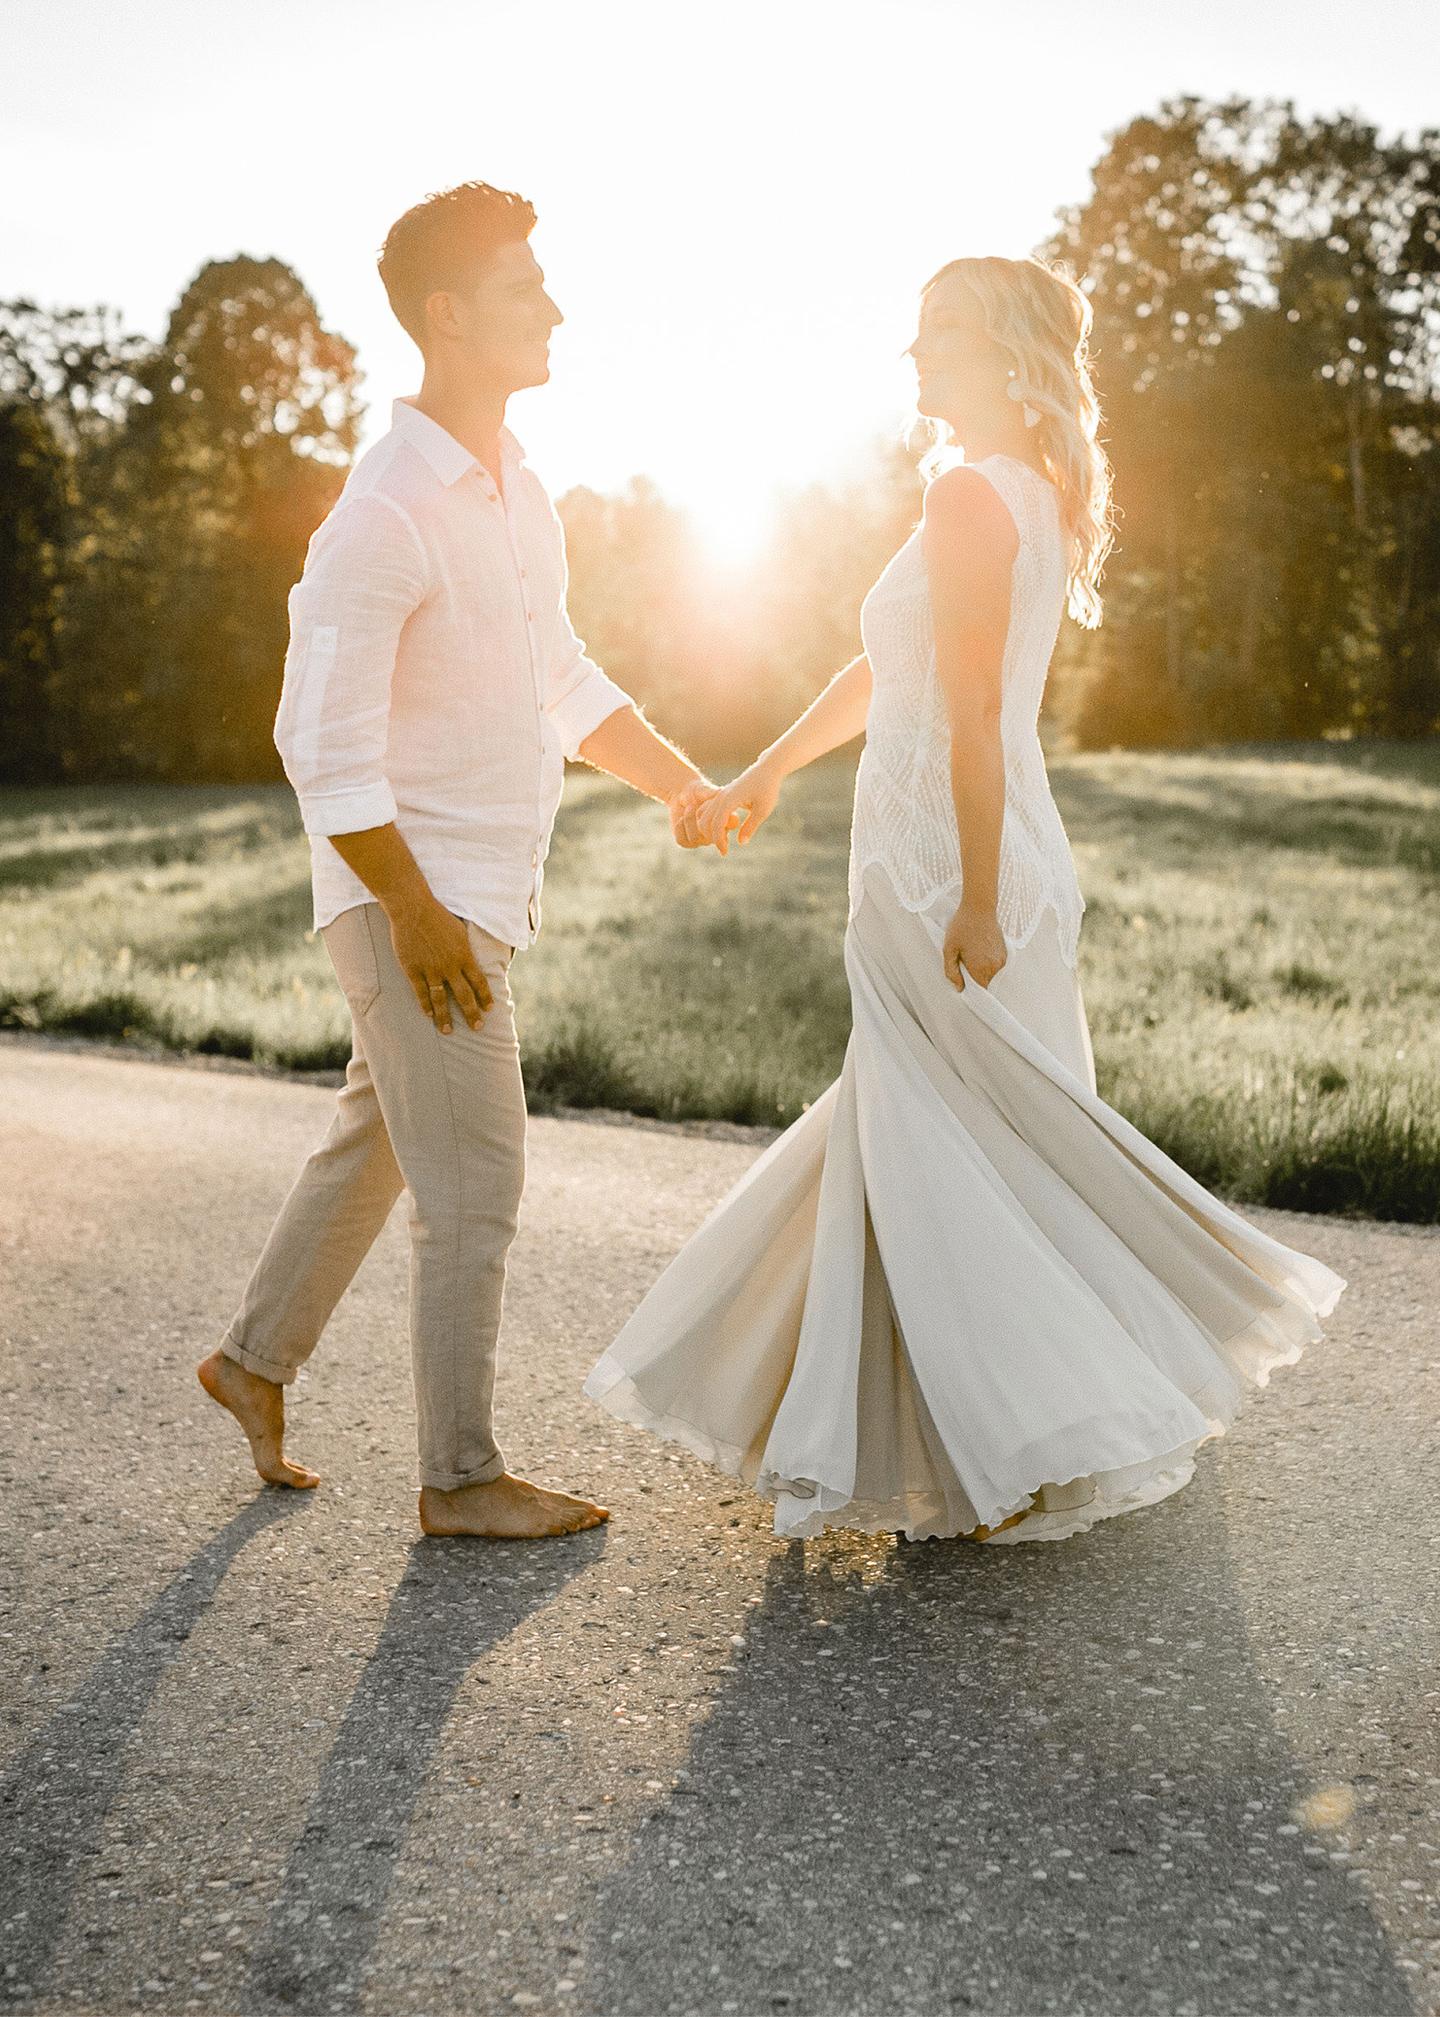 Tanzend auf der Straße bewegt sich das Brautpaar in der untergehenden Sonne.